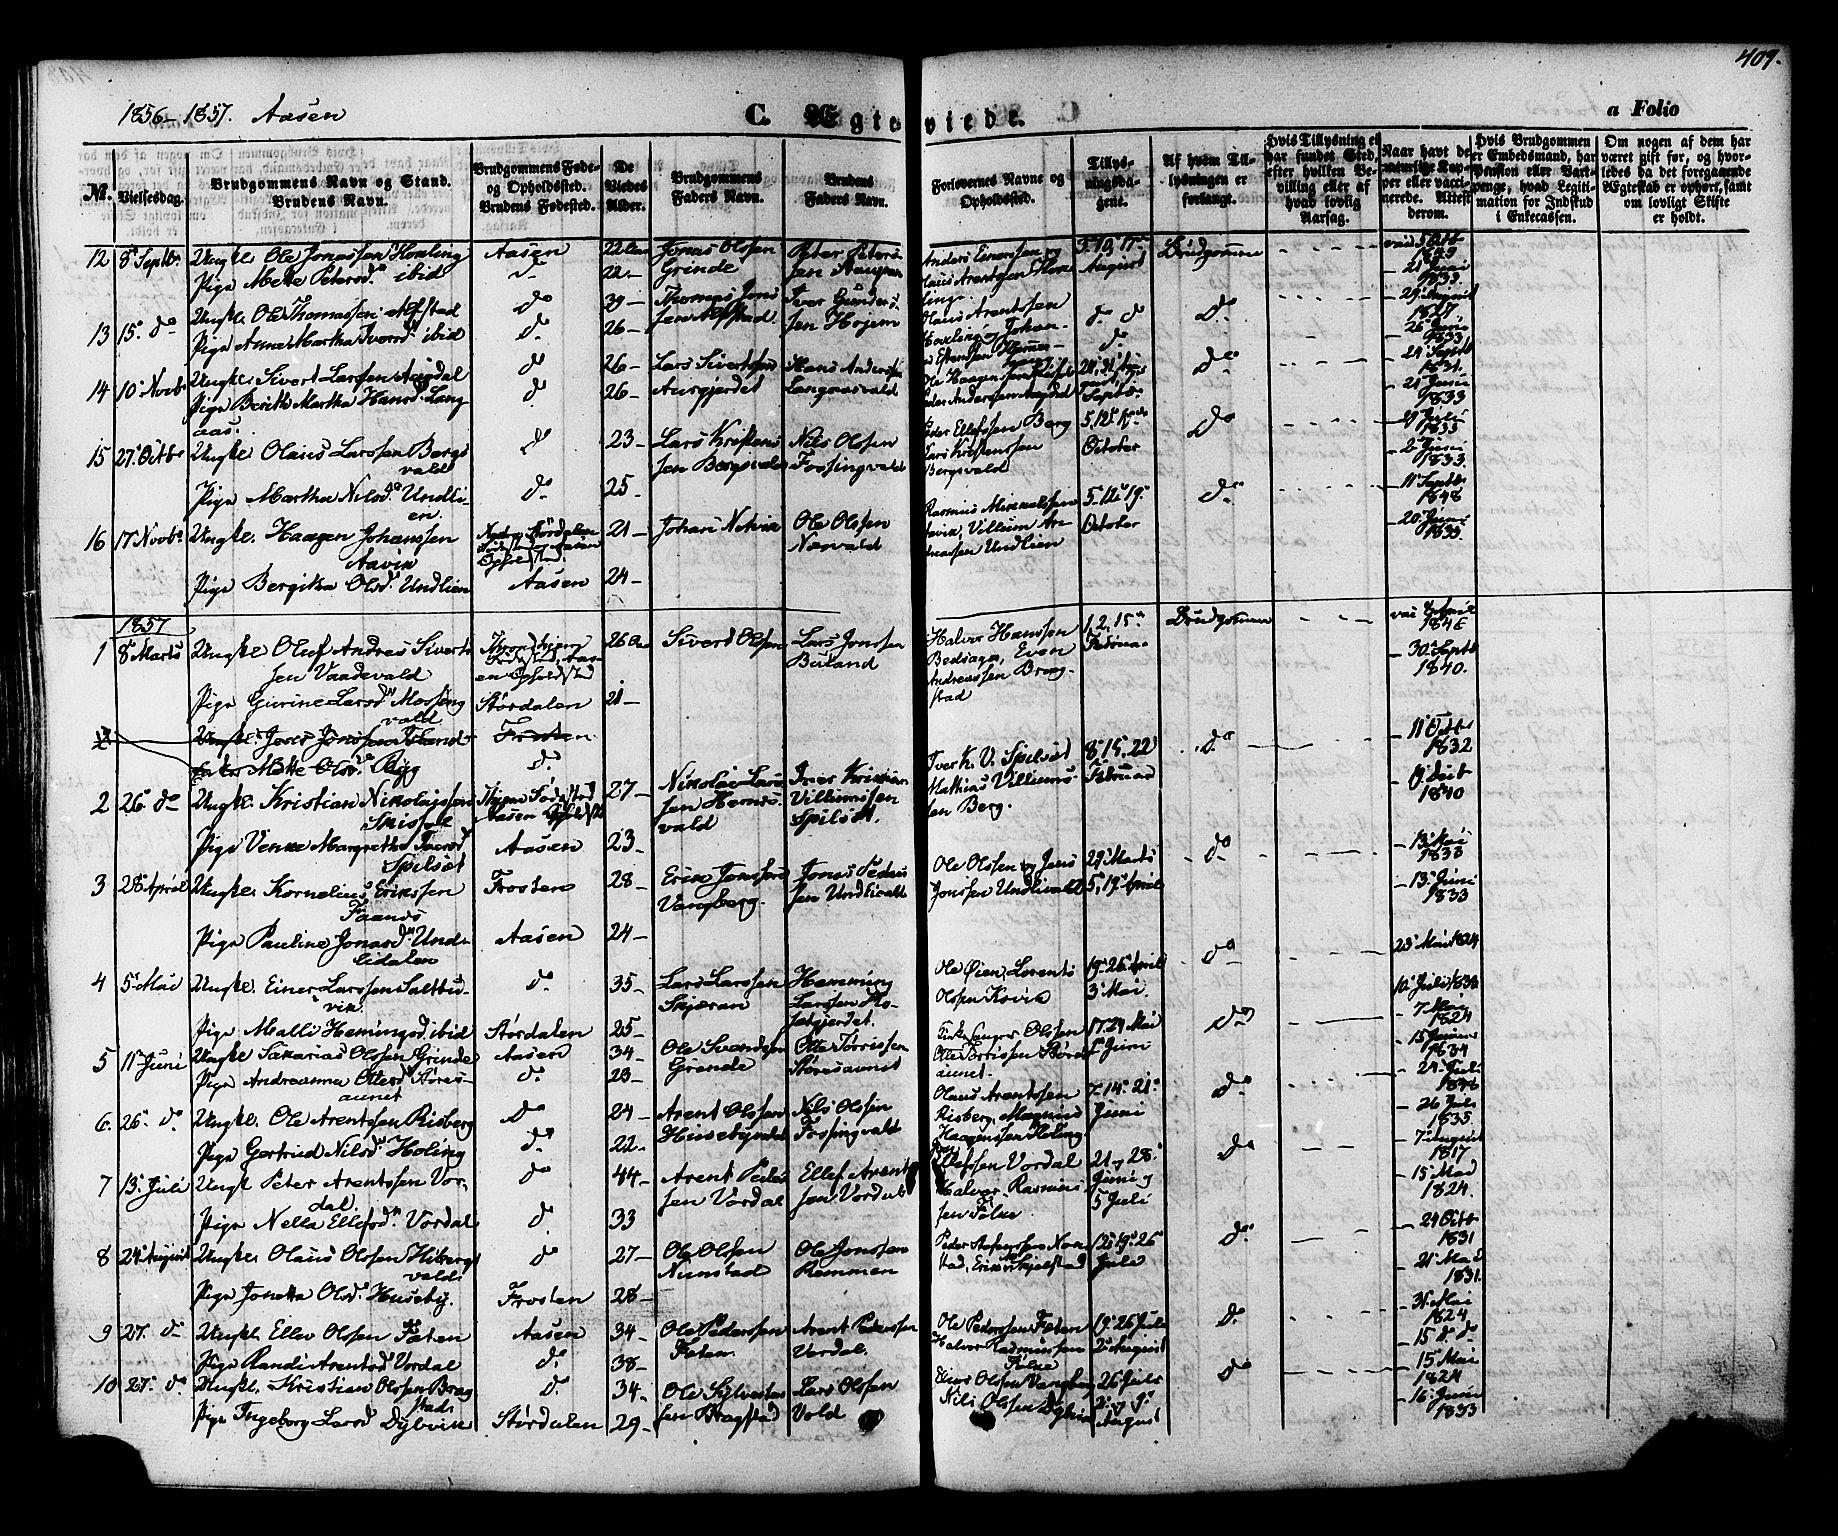 SAT, Ministerialprotokoller, klokkerbøker og fødselsregistre - Nord-Trøndelag, 713/L0116: Ministerialbok nr. 713A07 /2, 1850-1877, s. 409